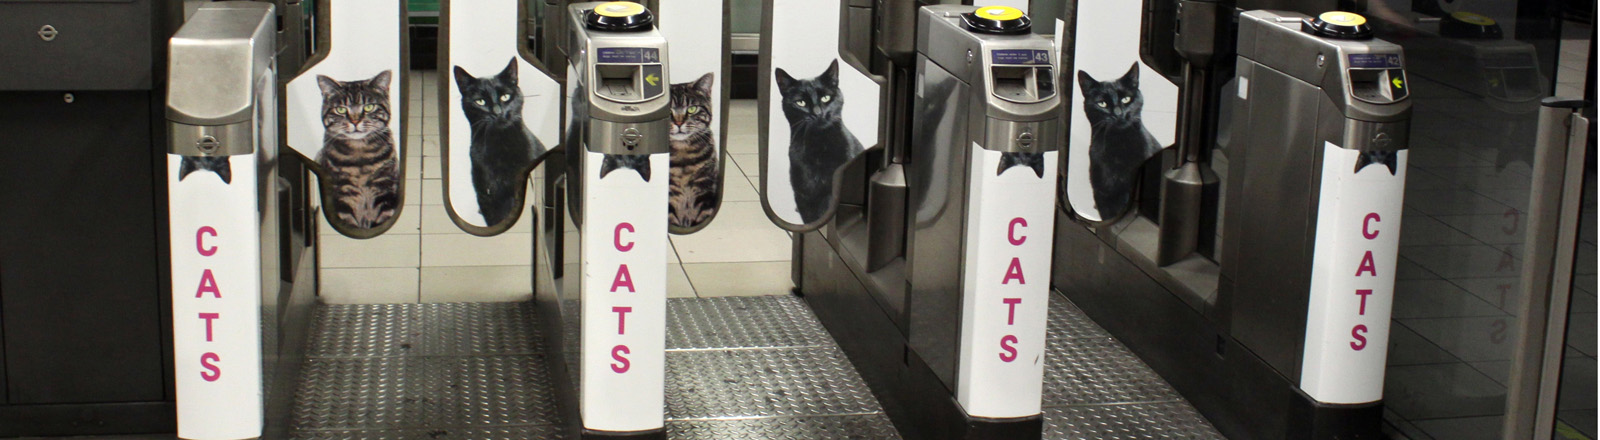 Eingangsschleusen zur U-Bahnstation bedruckt mit Katzen